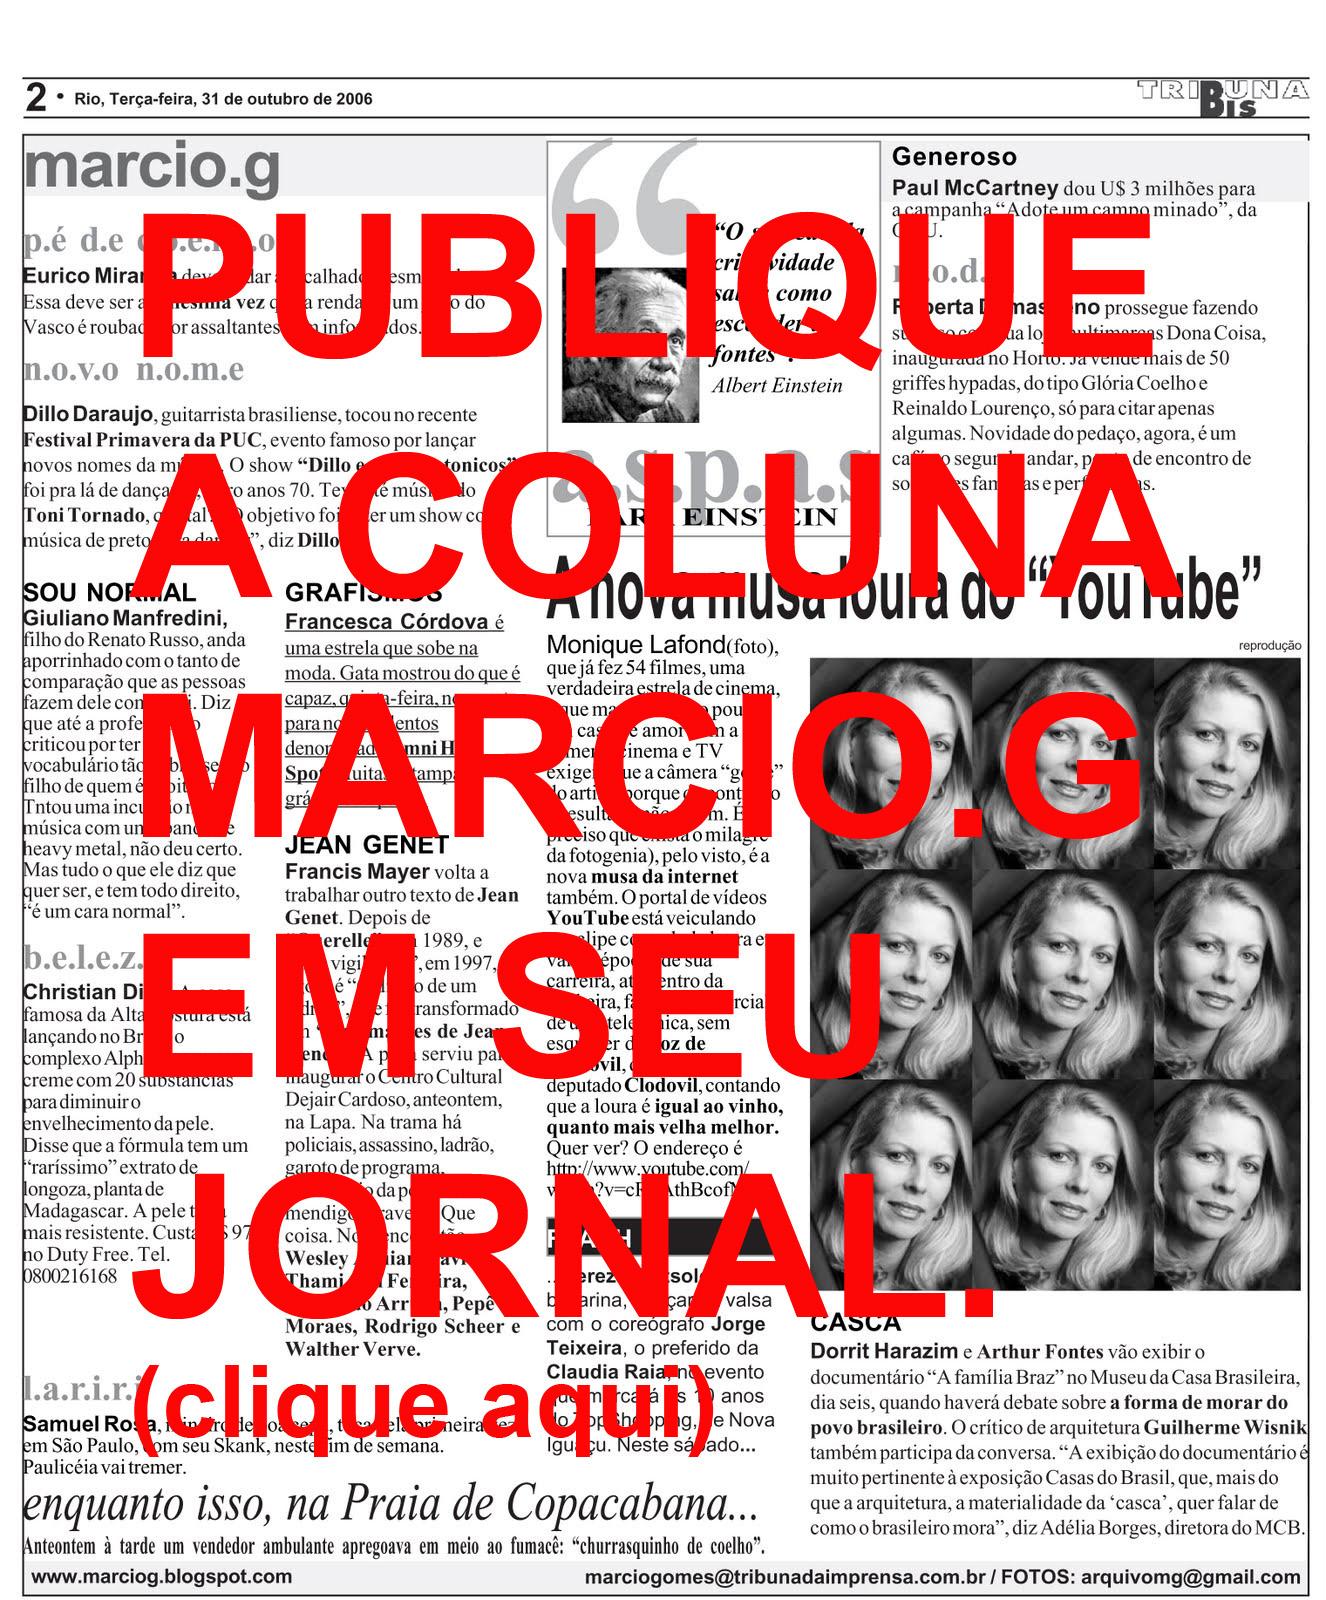 A melhor coluna social do Rio de Janeiro